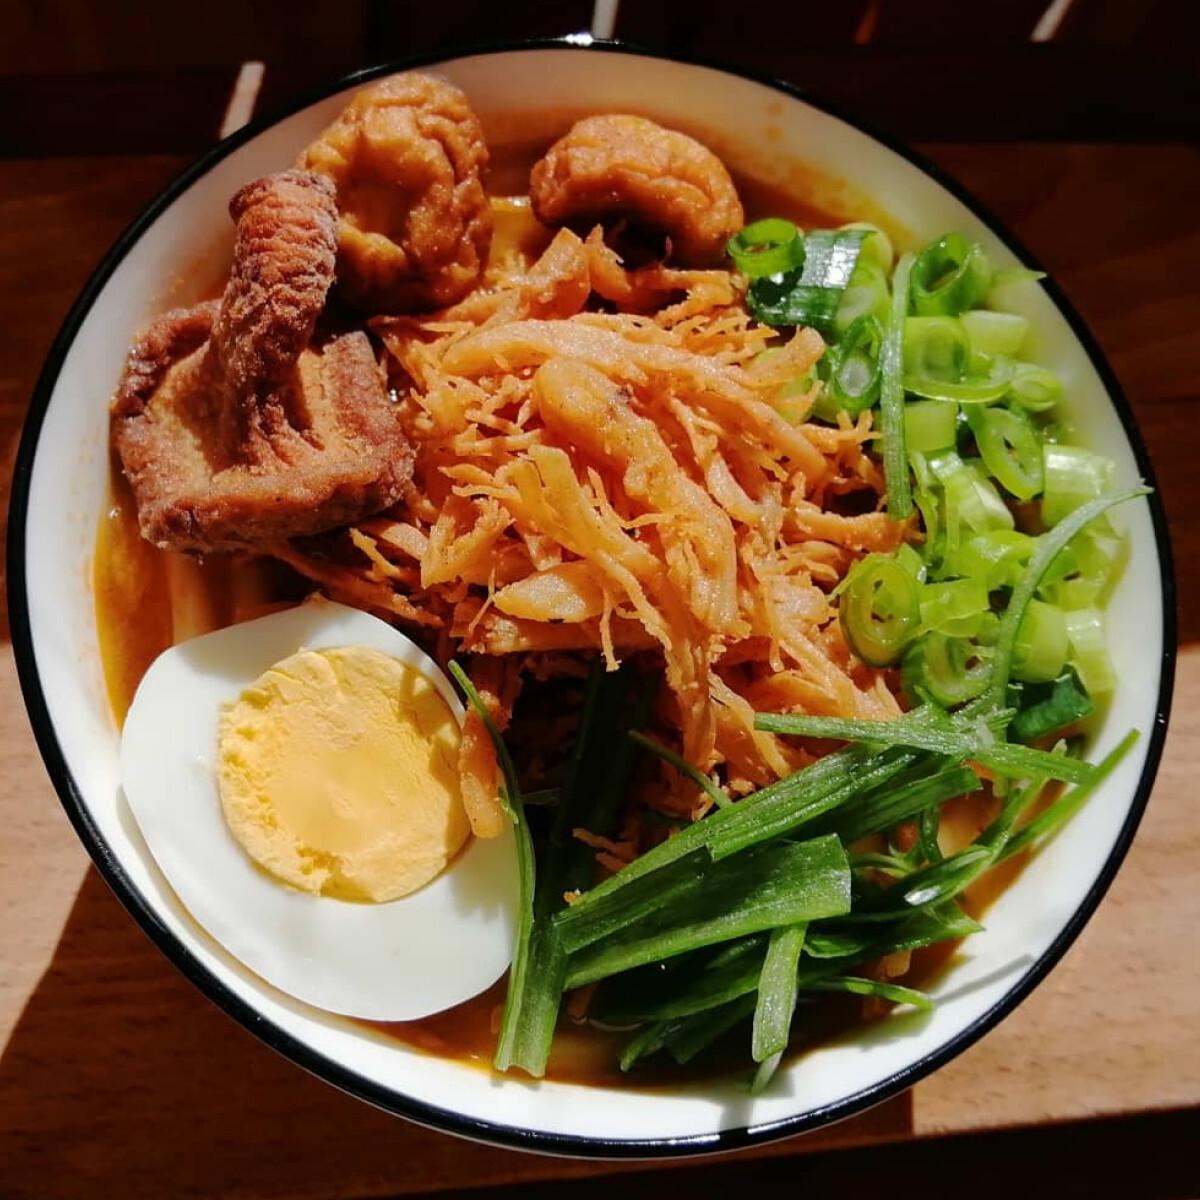 Ezen a képen: Kimchis ramen udon tésztával